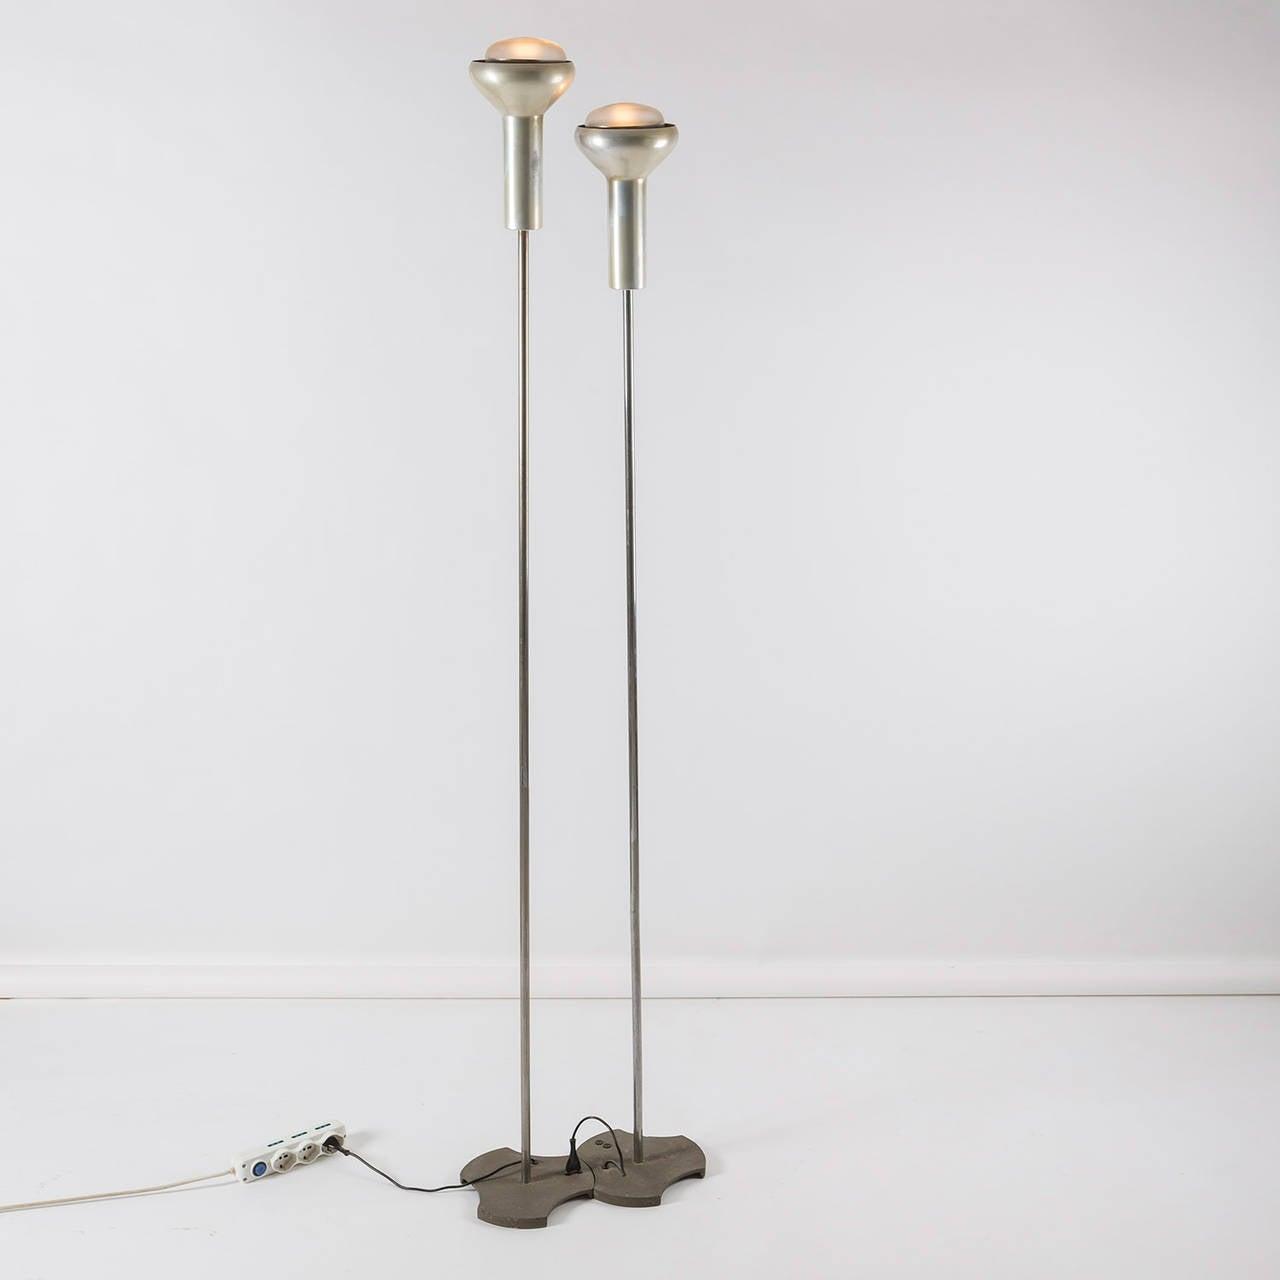 Pair of standard lamps model